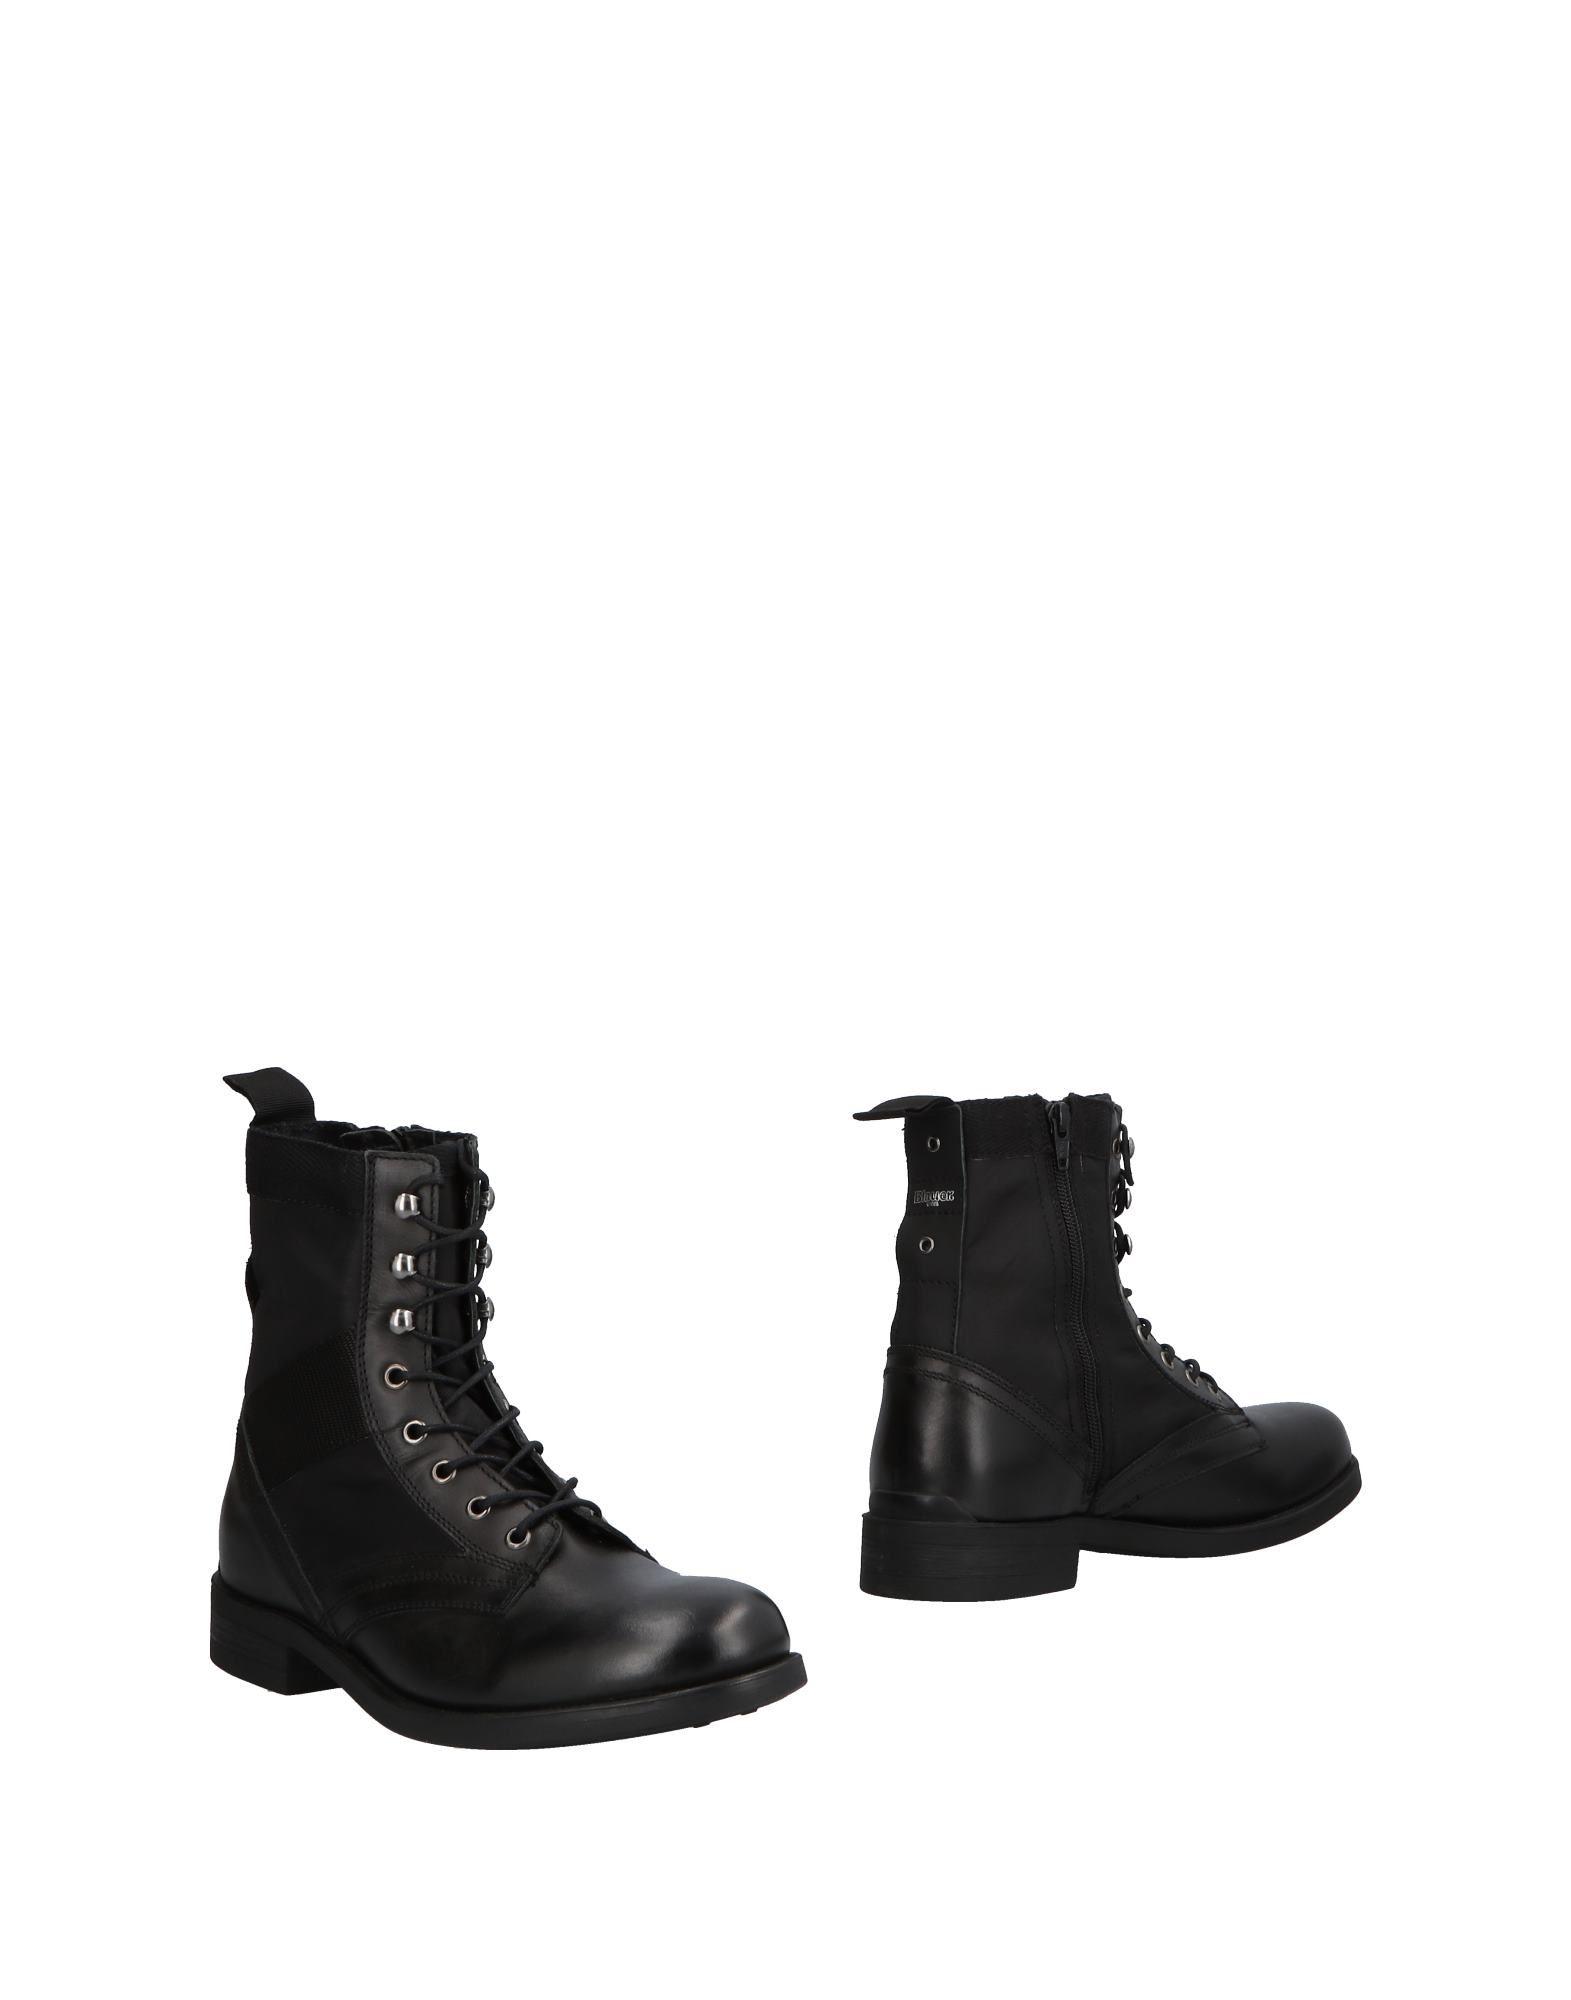 Blauer Heiße Stiefelette Herren  11500735SG Heiße Blauer Schuhe 272028